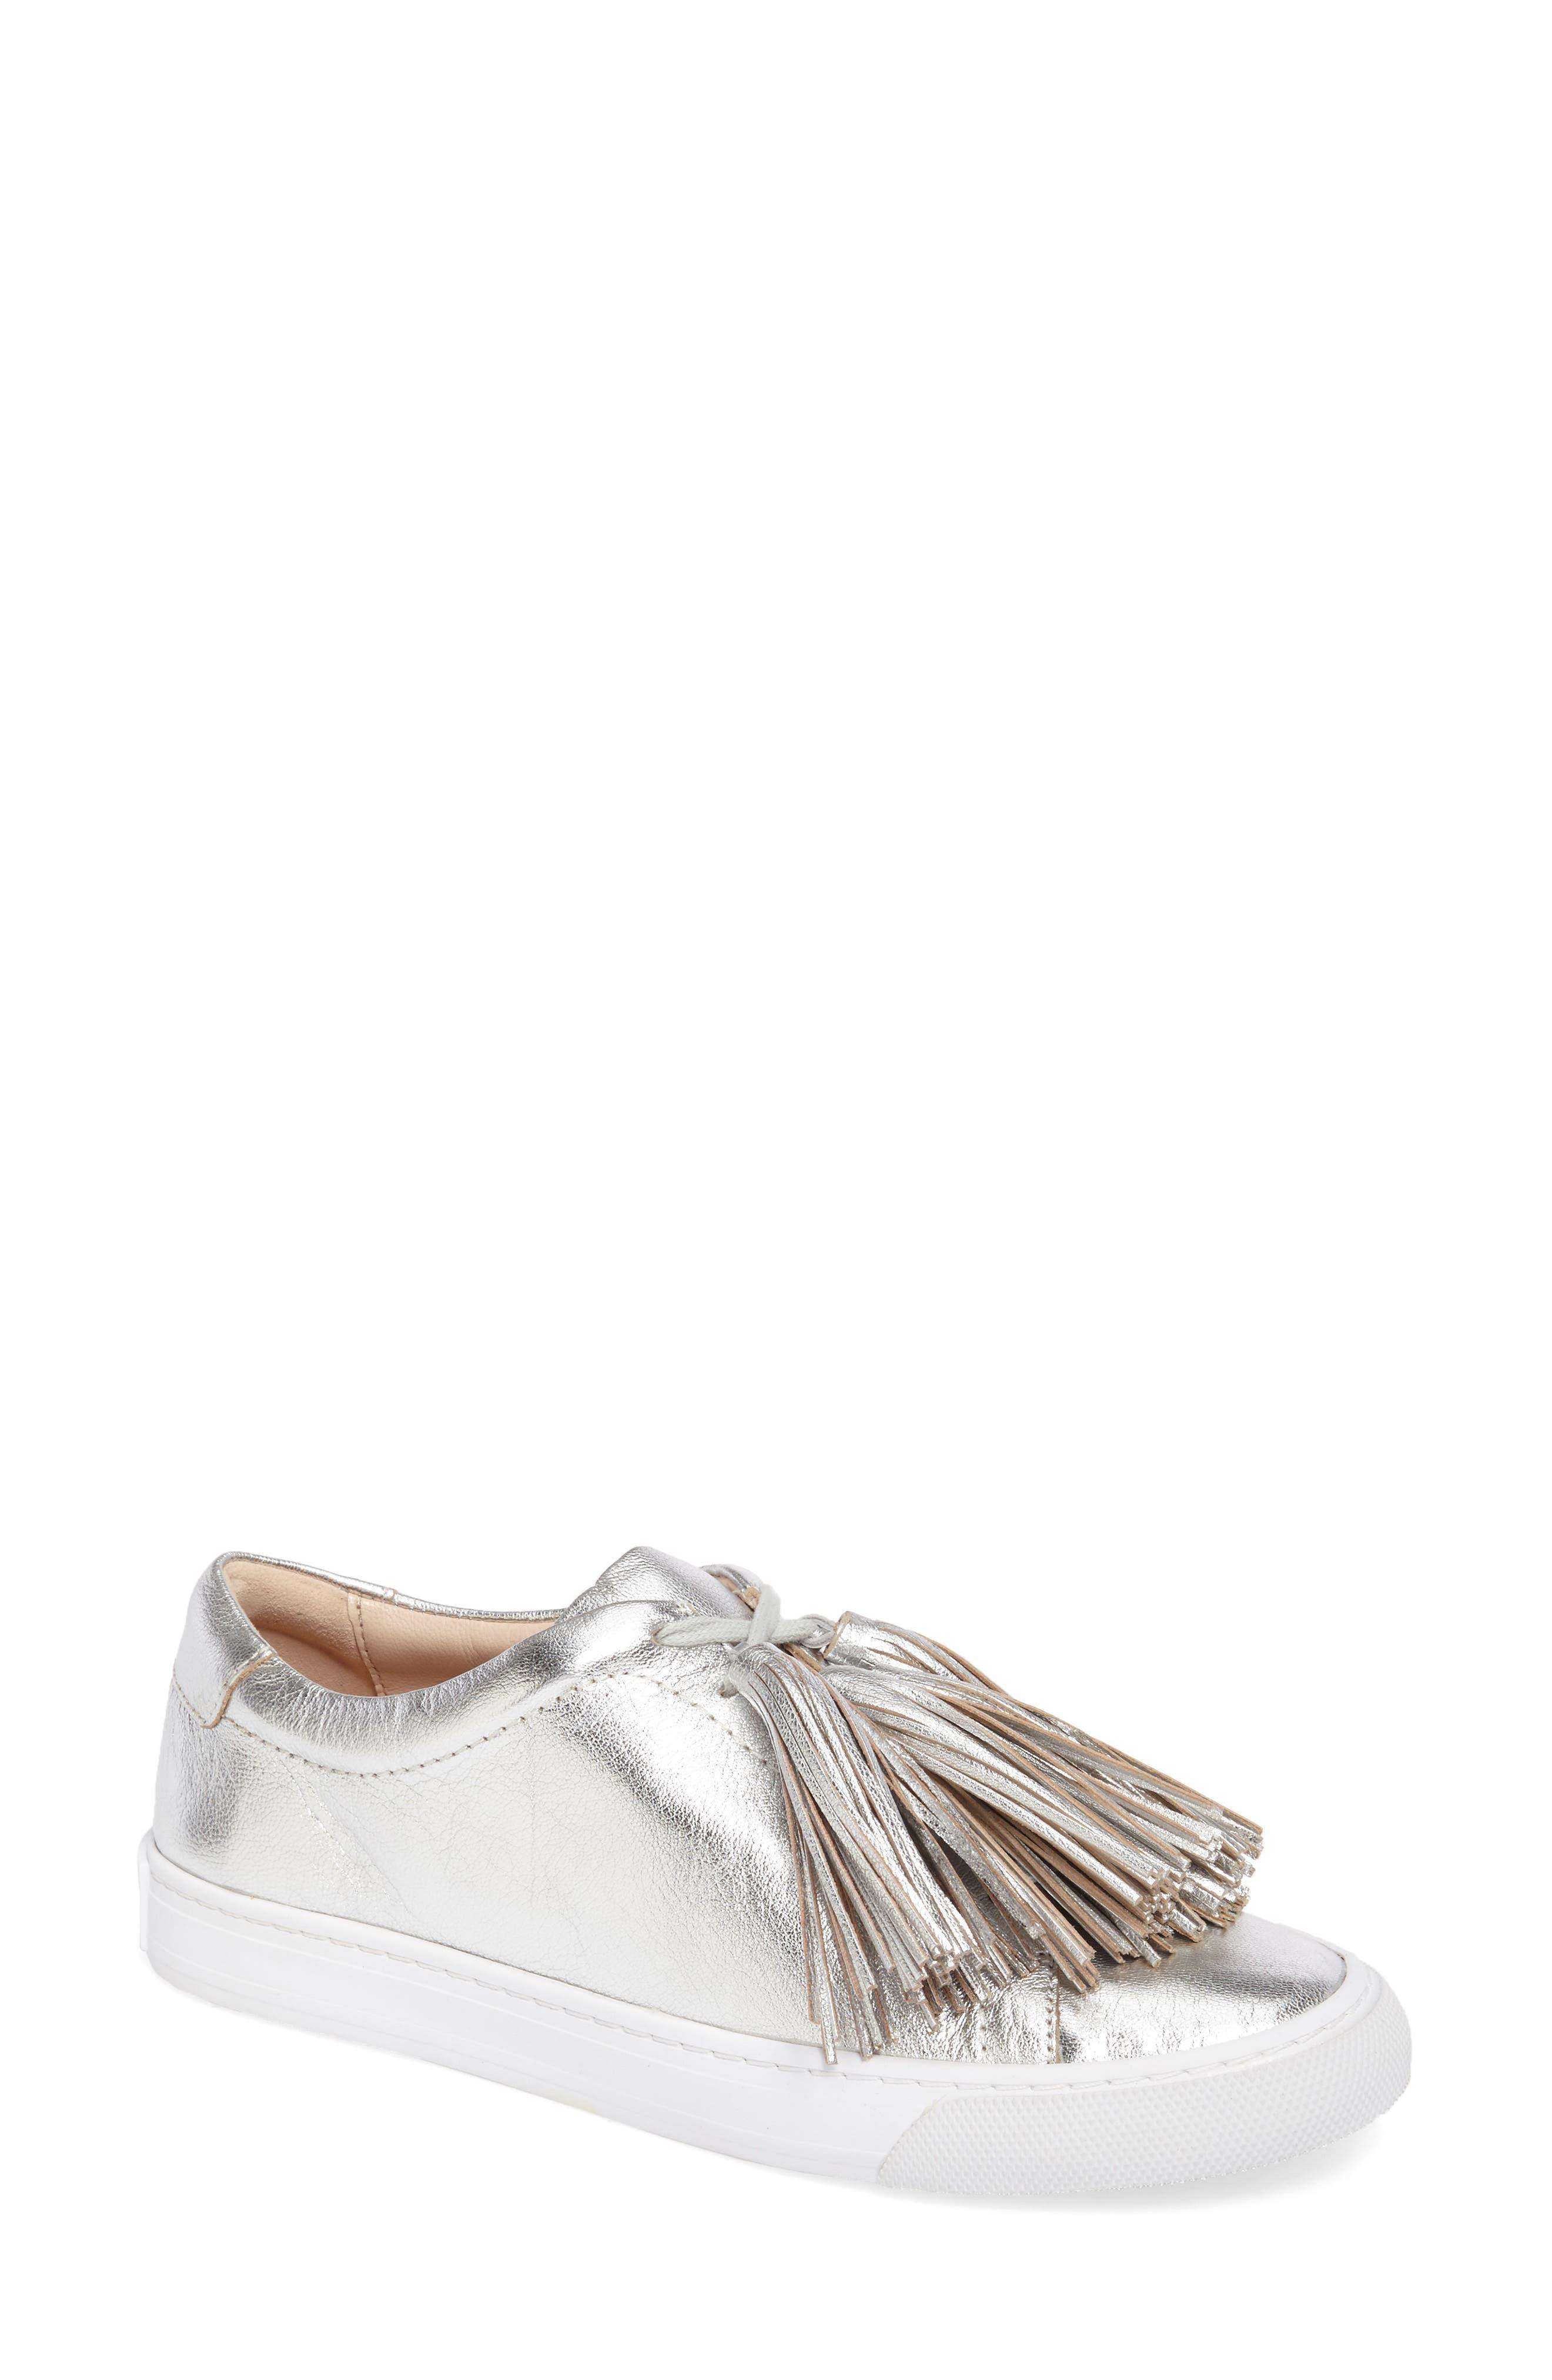 Logan Sneaker,                         Main,                         color, 040